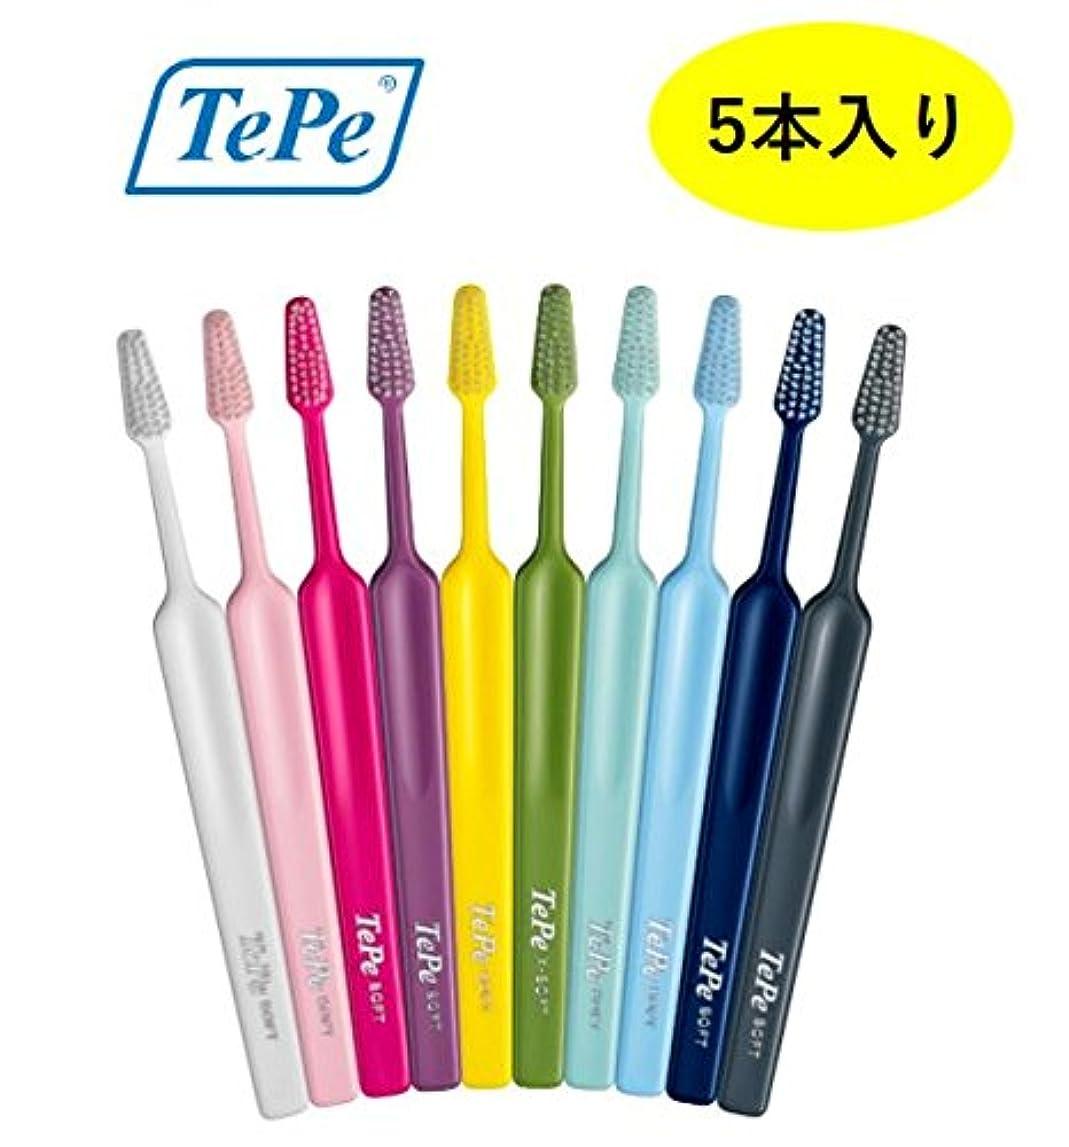 テペ ミディアム 5本 ブリスターパック TePe